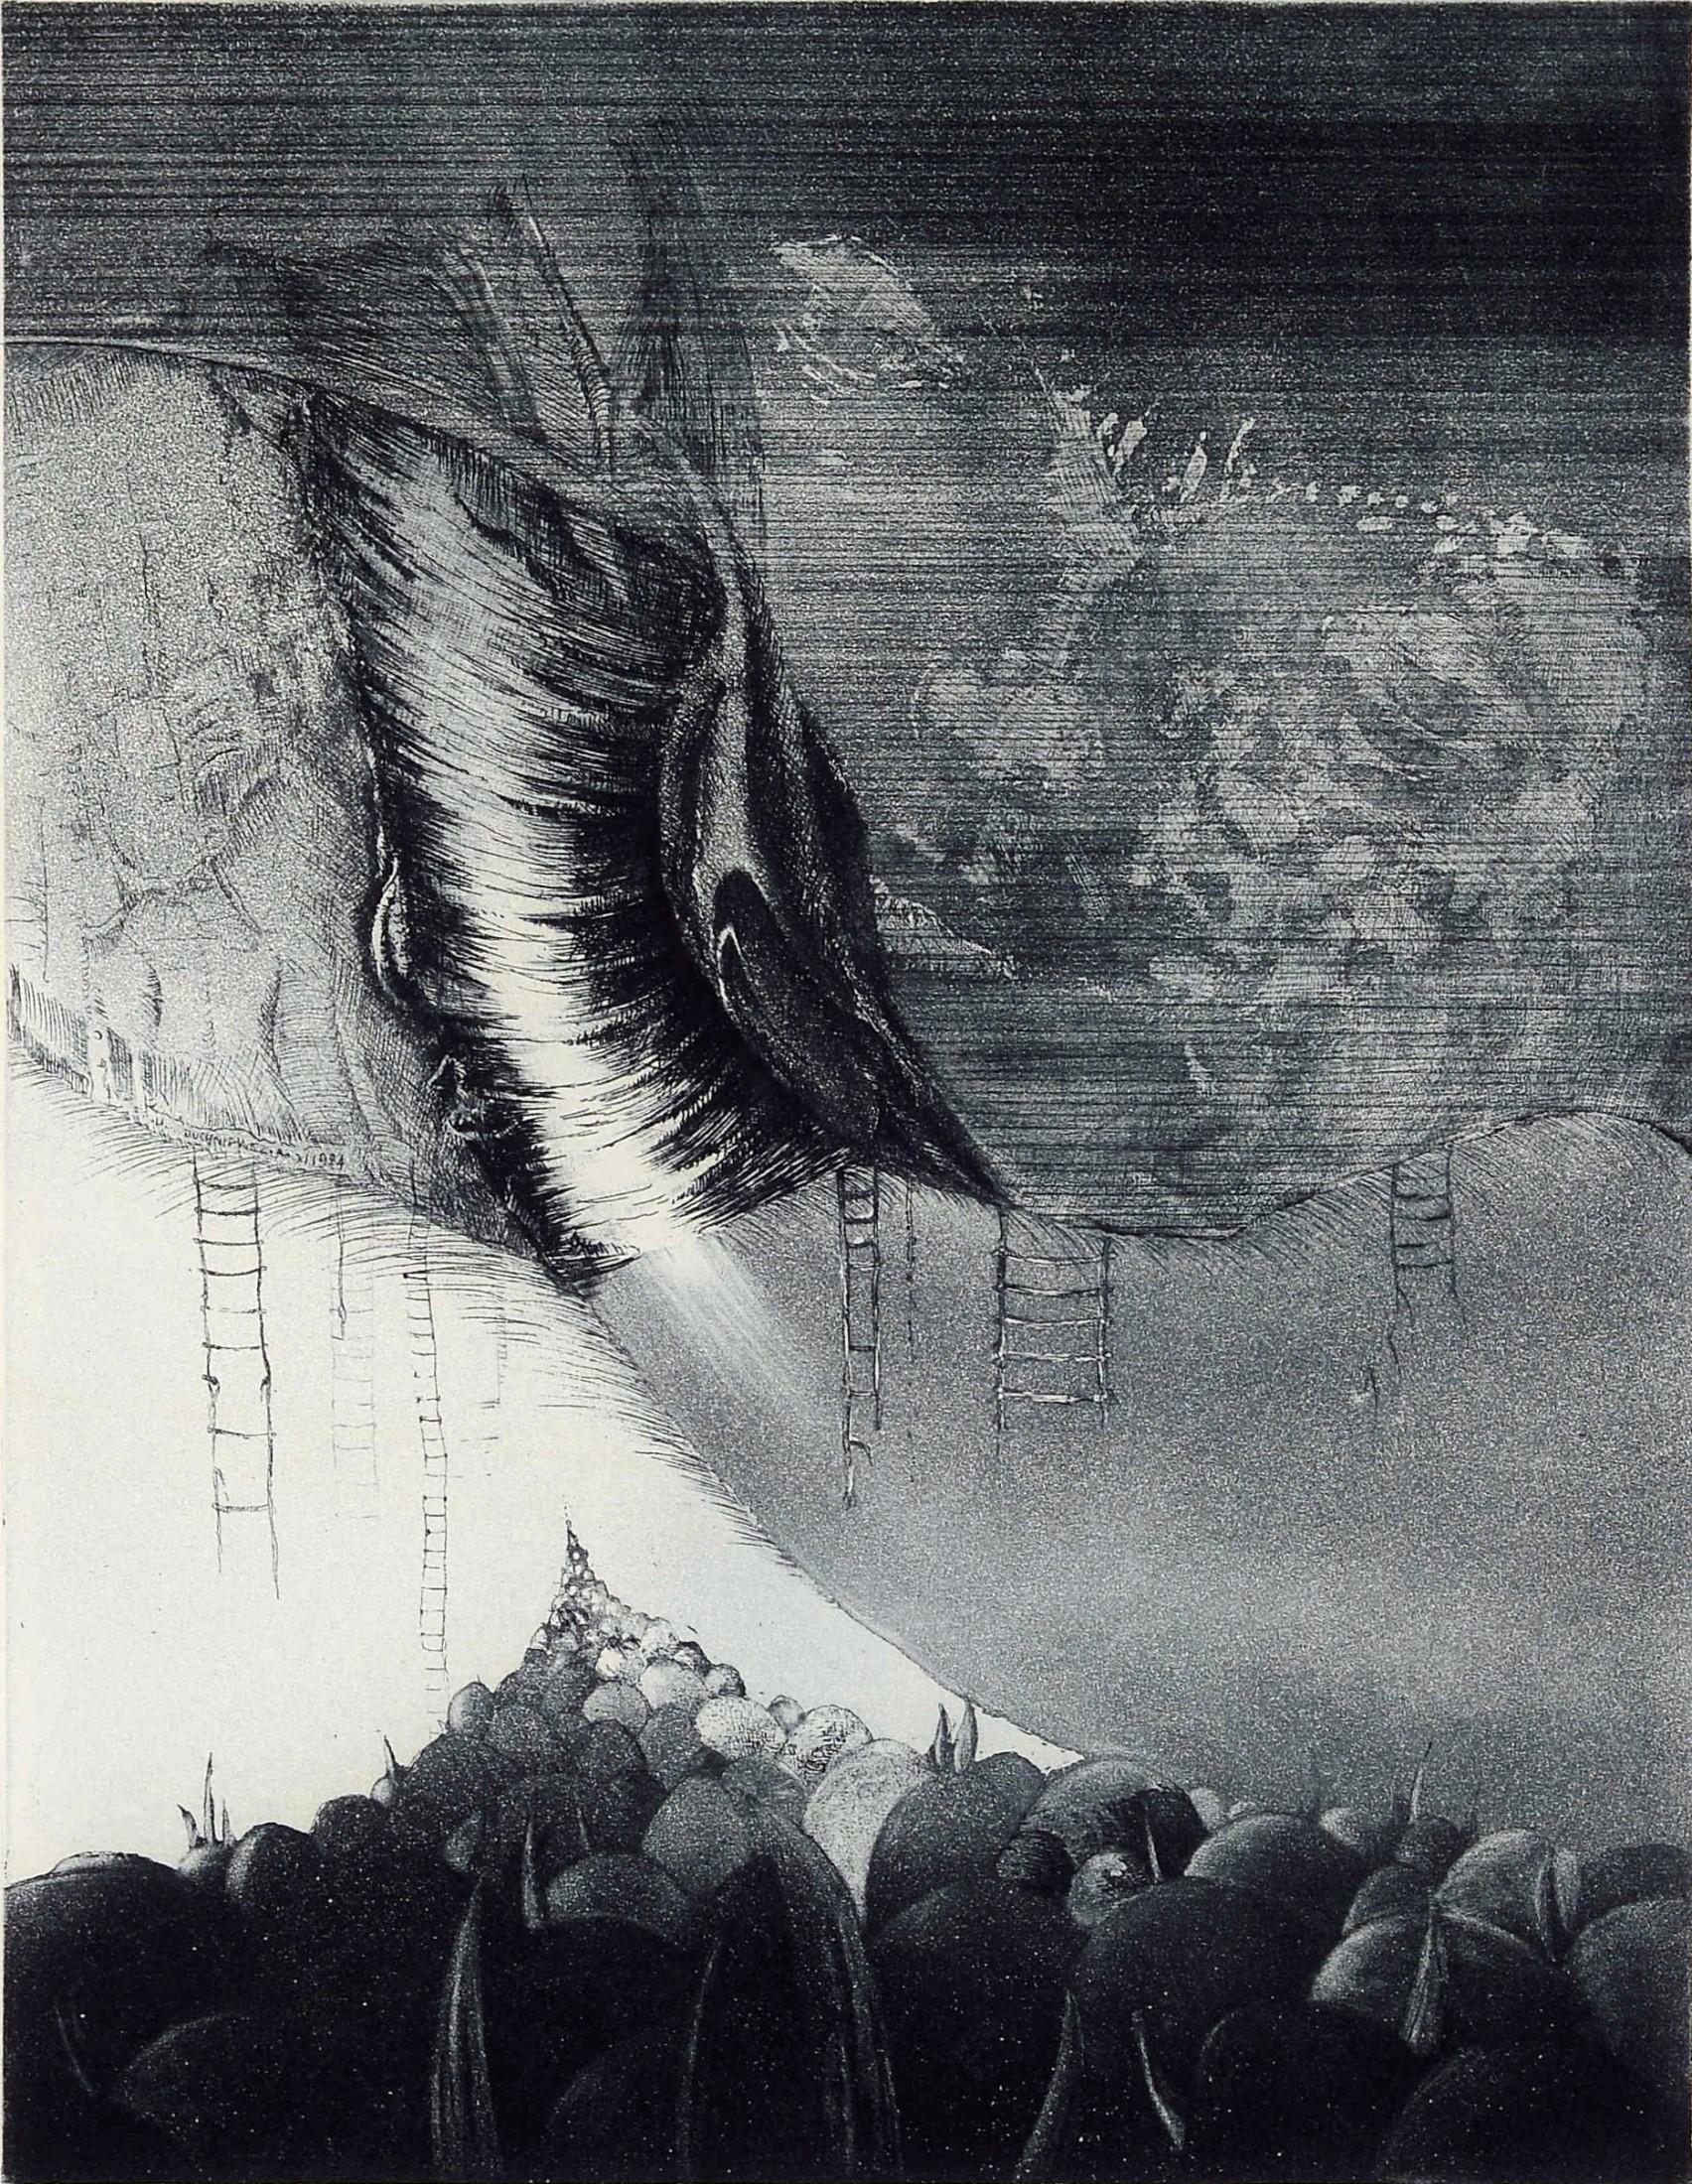 Face of mountain, 1984